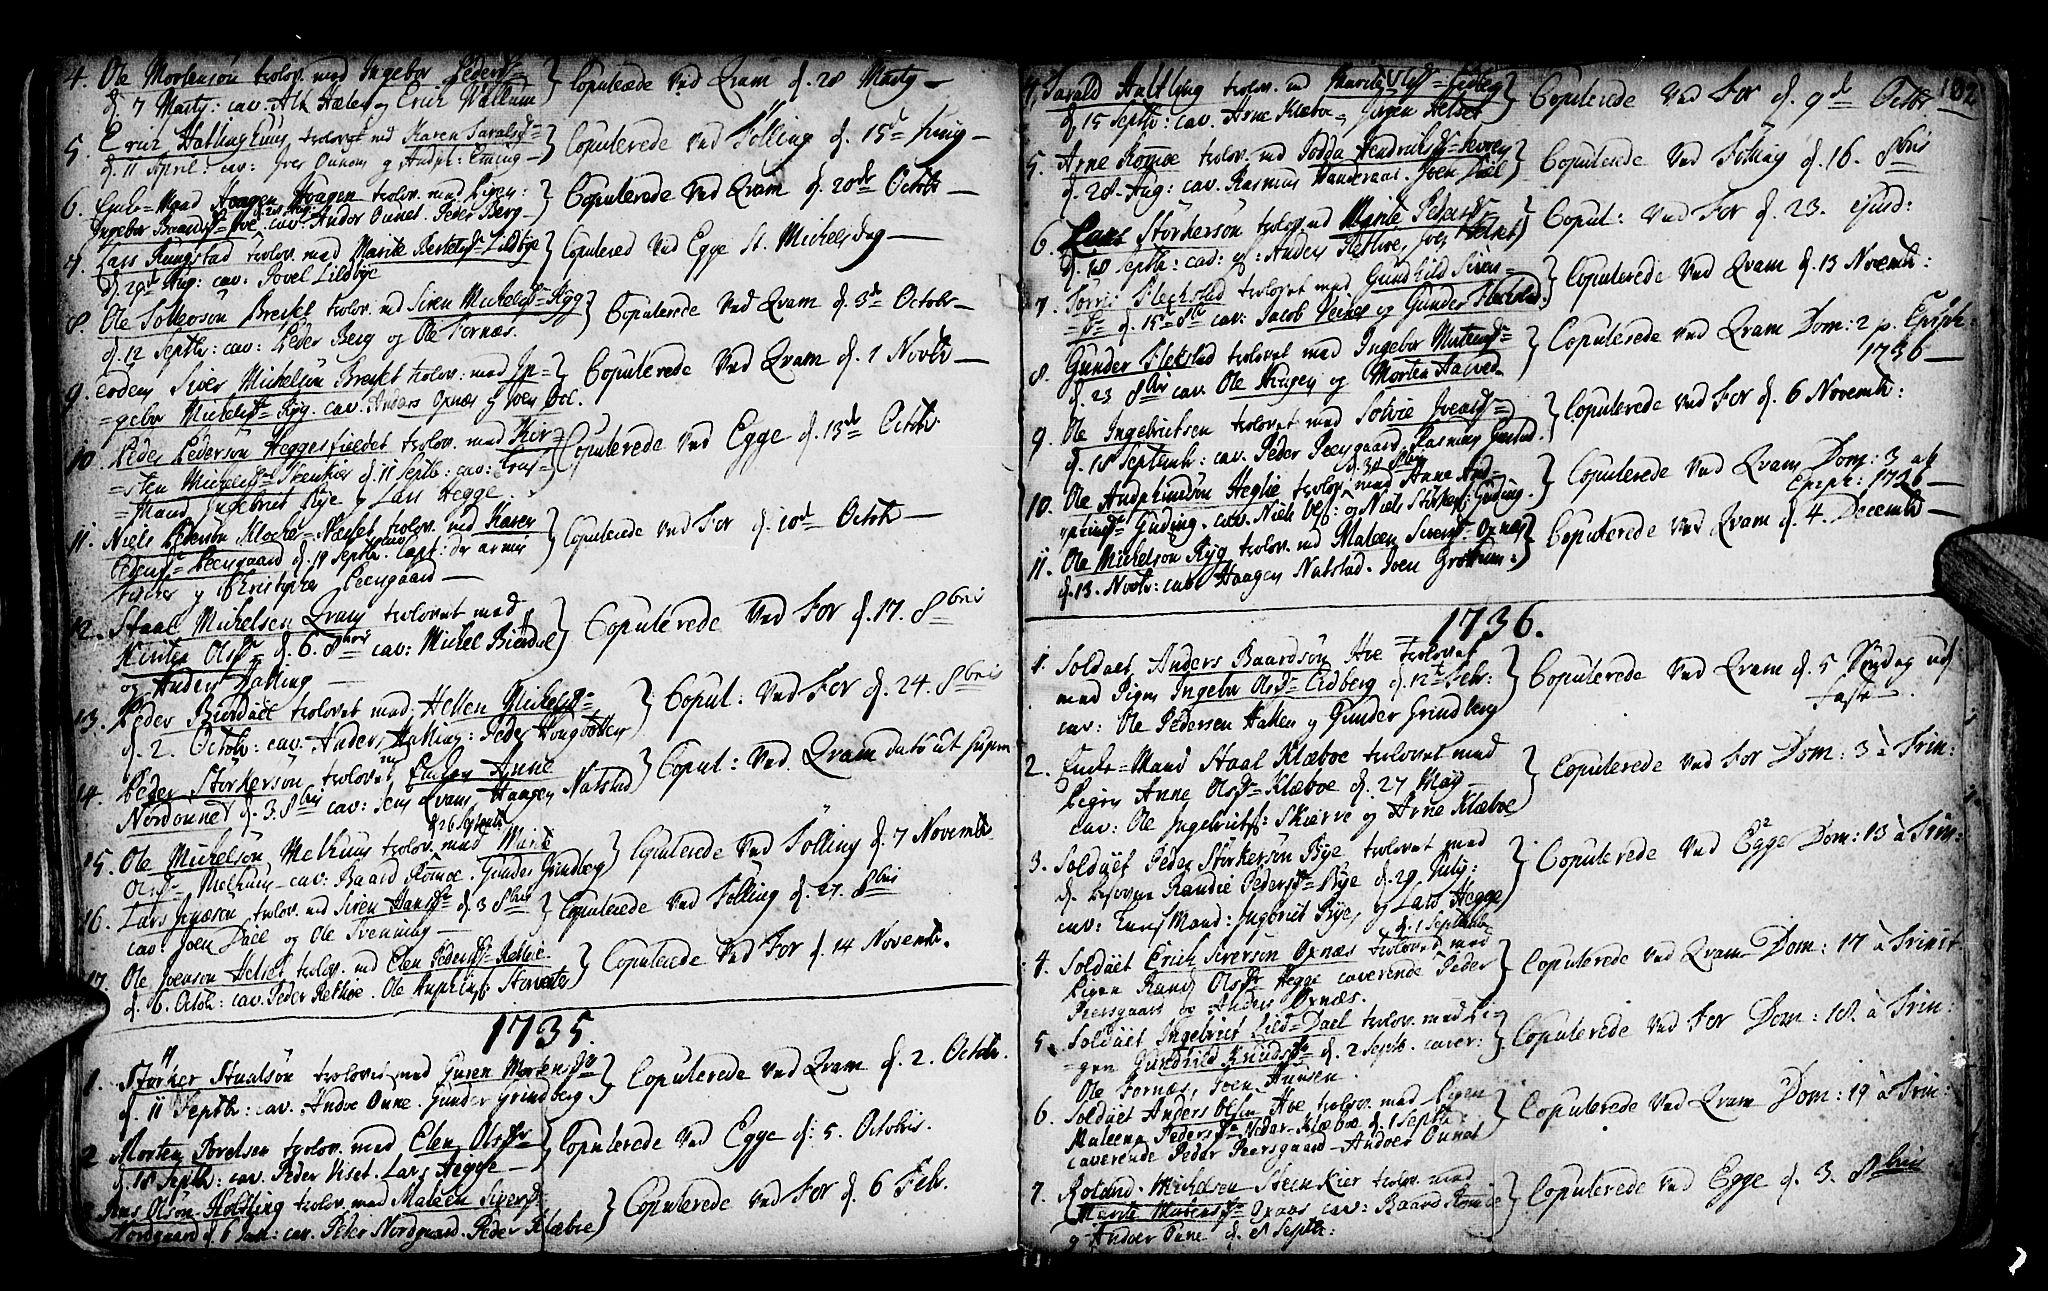 SAT, Ministerialprotokoller, klokkerbøker og fødselsregistre - Nord-Trøndelag, 746/L0439: Ministerialbok nr. 746A01, 1688-1759, s. 102